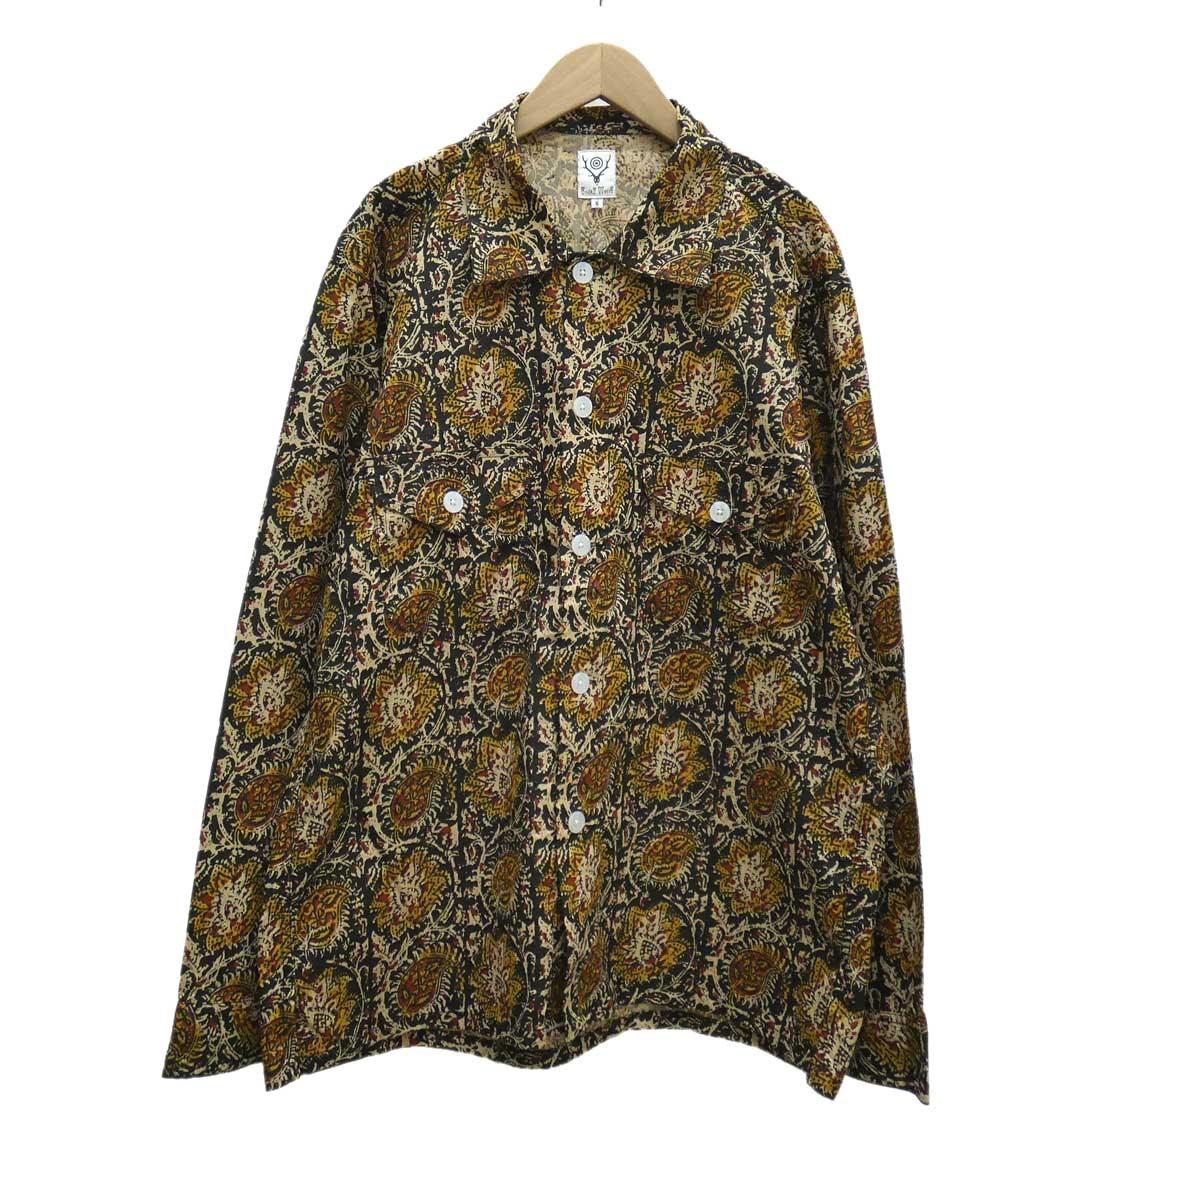 【中古】South2 West8 Smokey Shirt マルチカラー サイズ:S 【190420】(サウスツーウエストエイト)